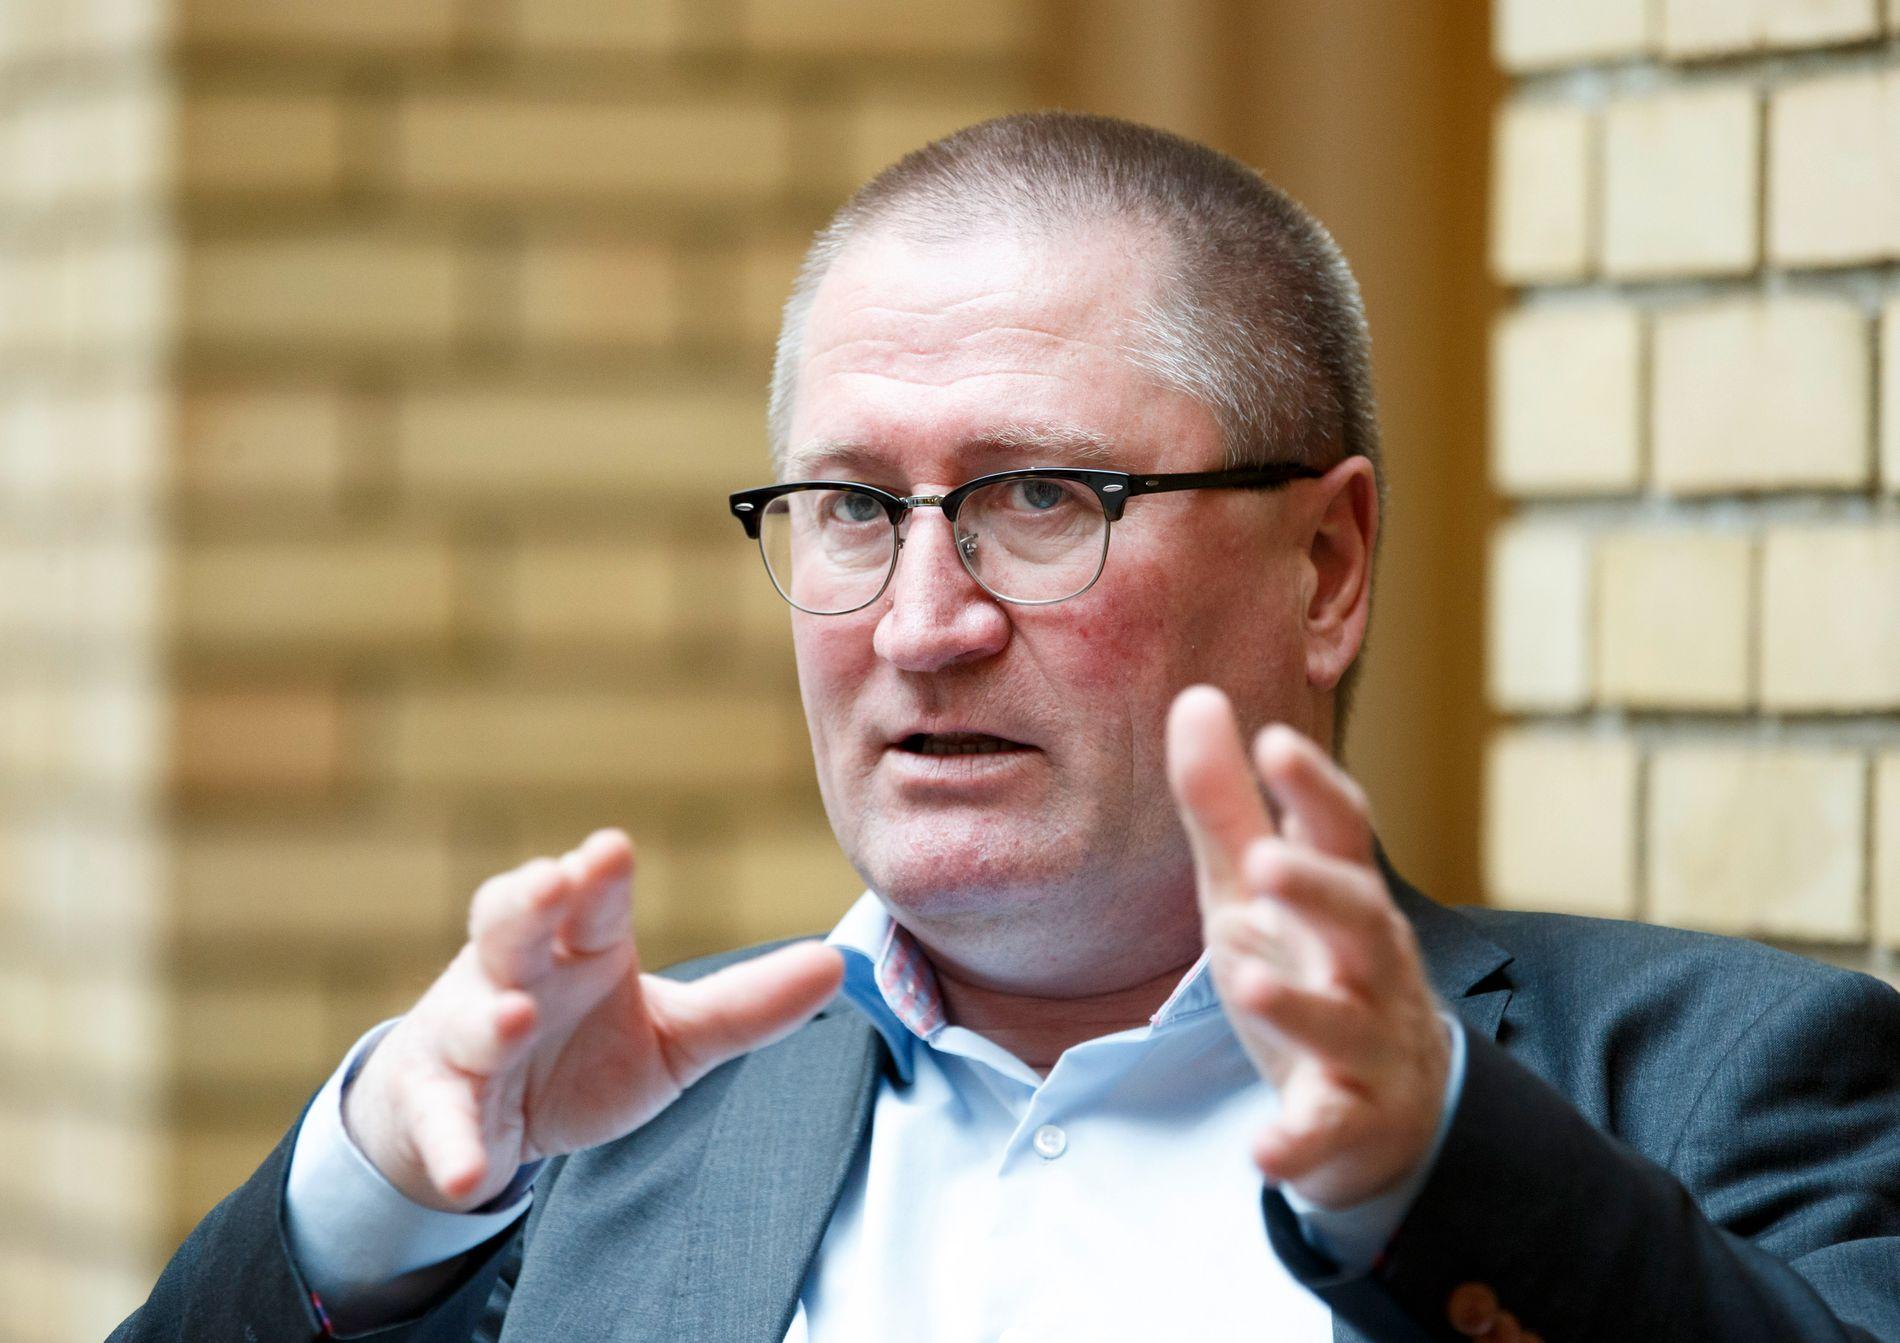 REAKSJONER: Over 50 medlemmer har meldt seg ut av KrF etter at partiets familiepolitiske talsmann Geir Jørgen Bekkevold viet et homofilt par i august.